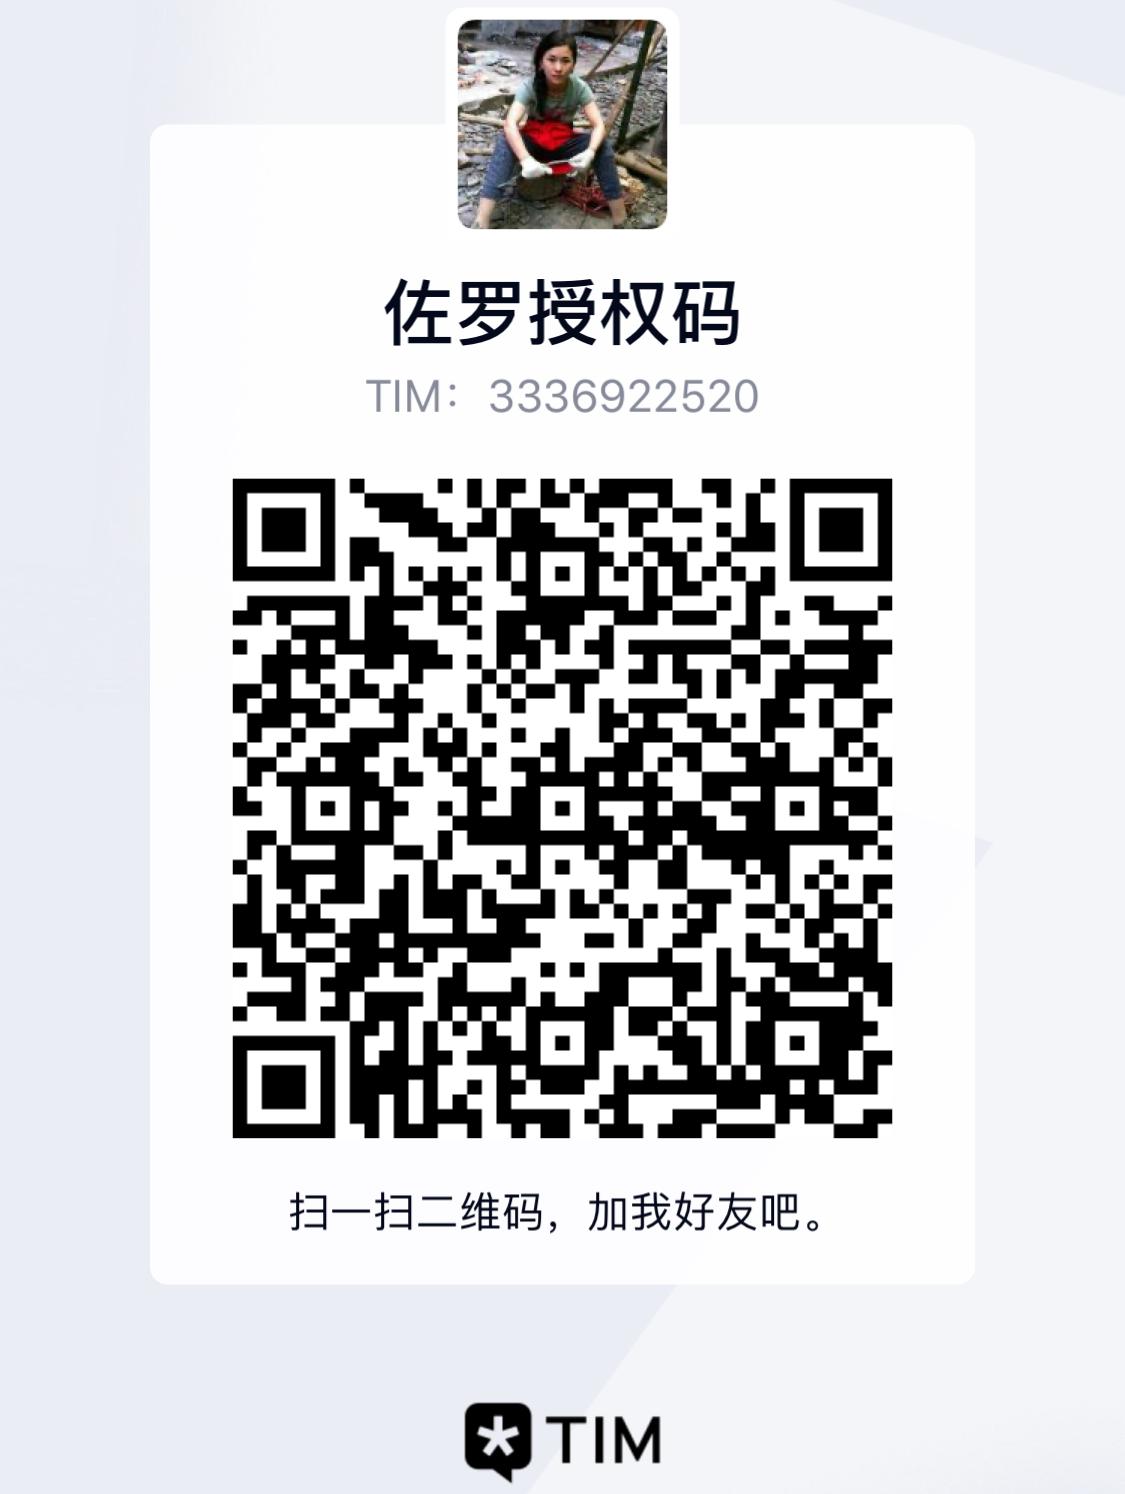 佐罗QQ客服 QQ 3336922520